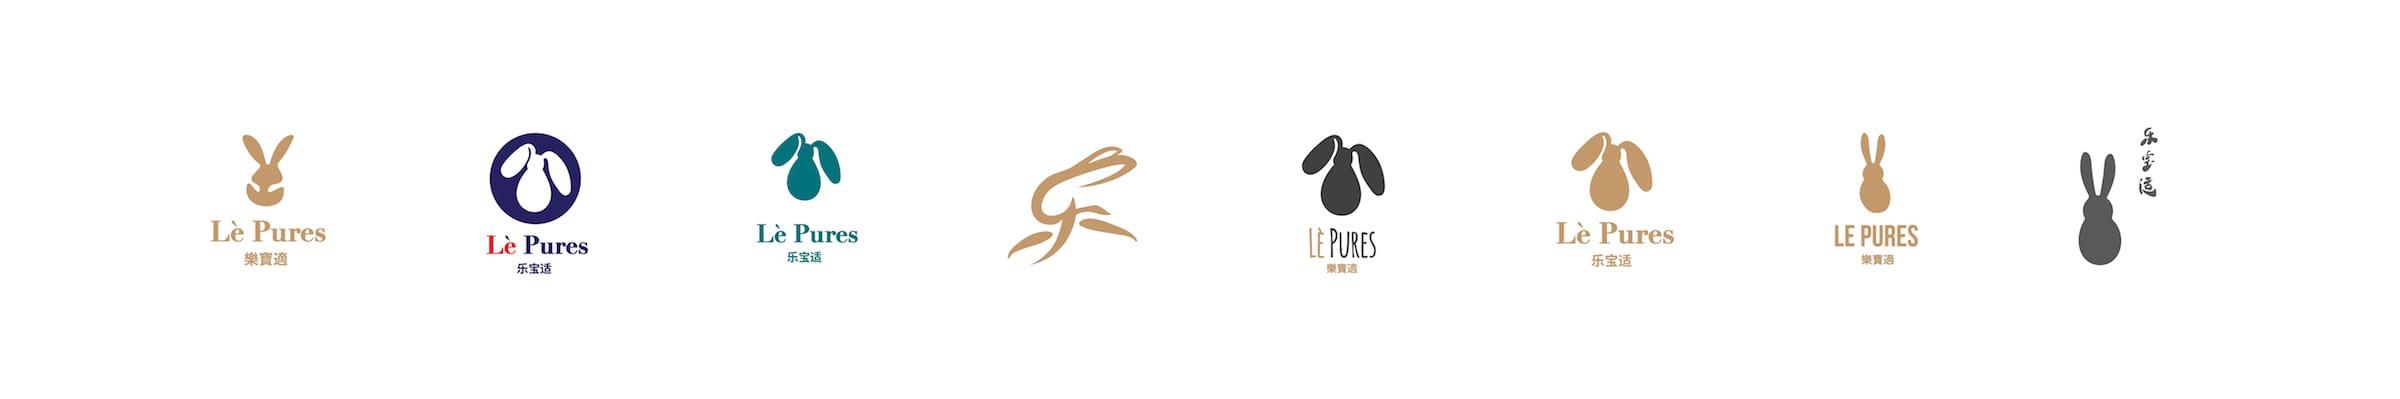 more logo ideas